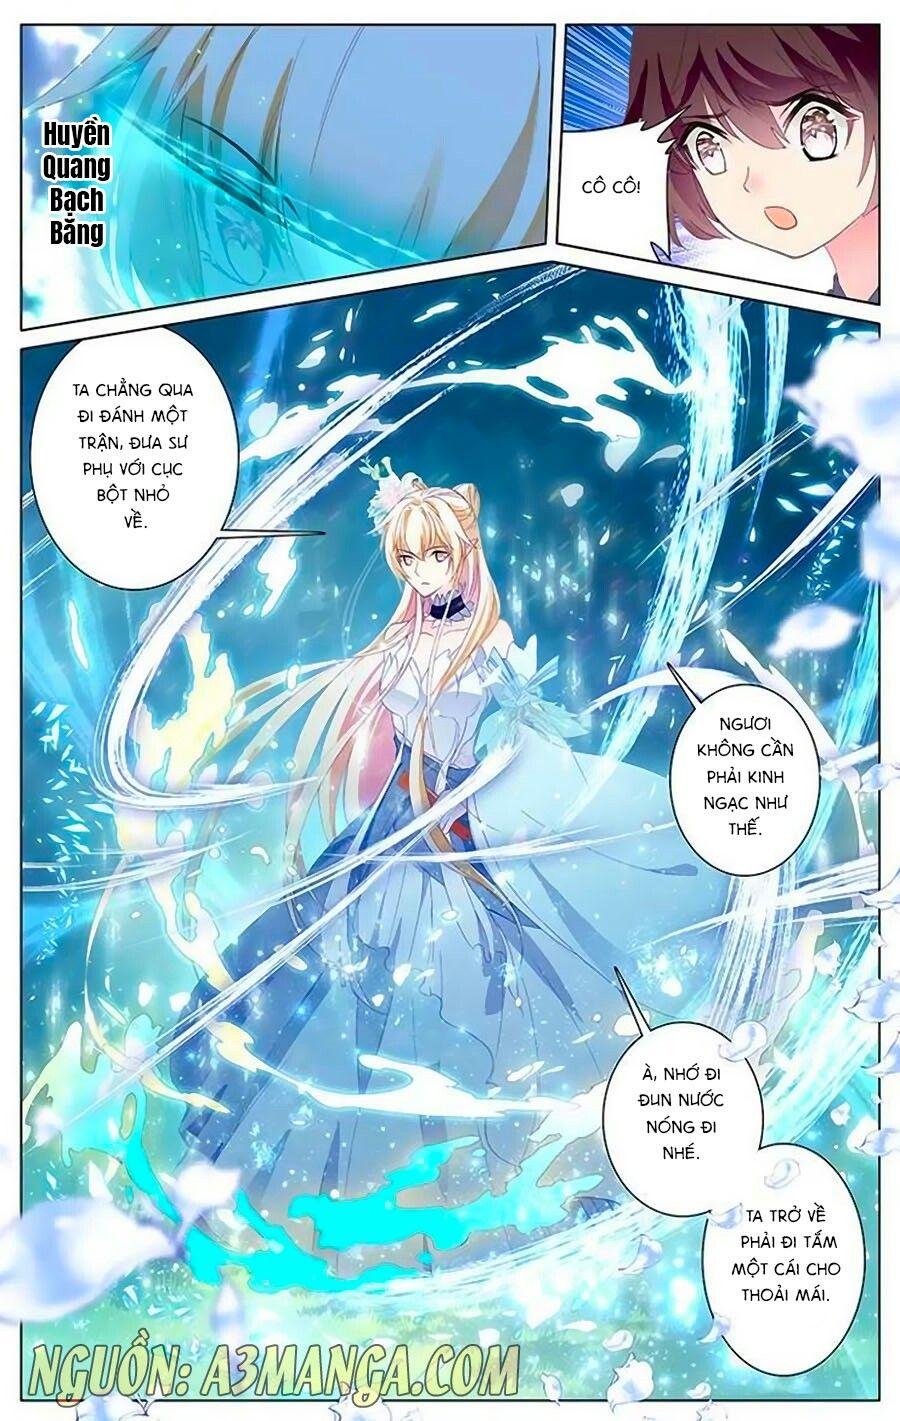 Pin by Фува Айка on Anime manga manhua Manga anime